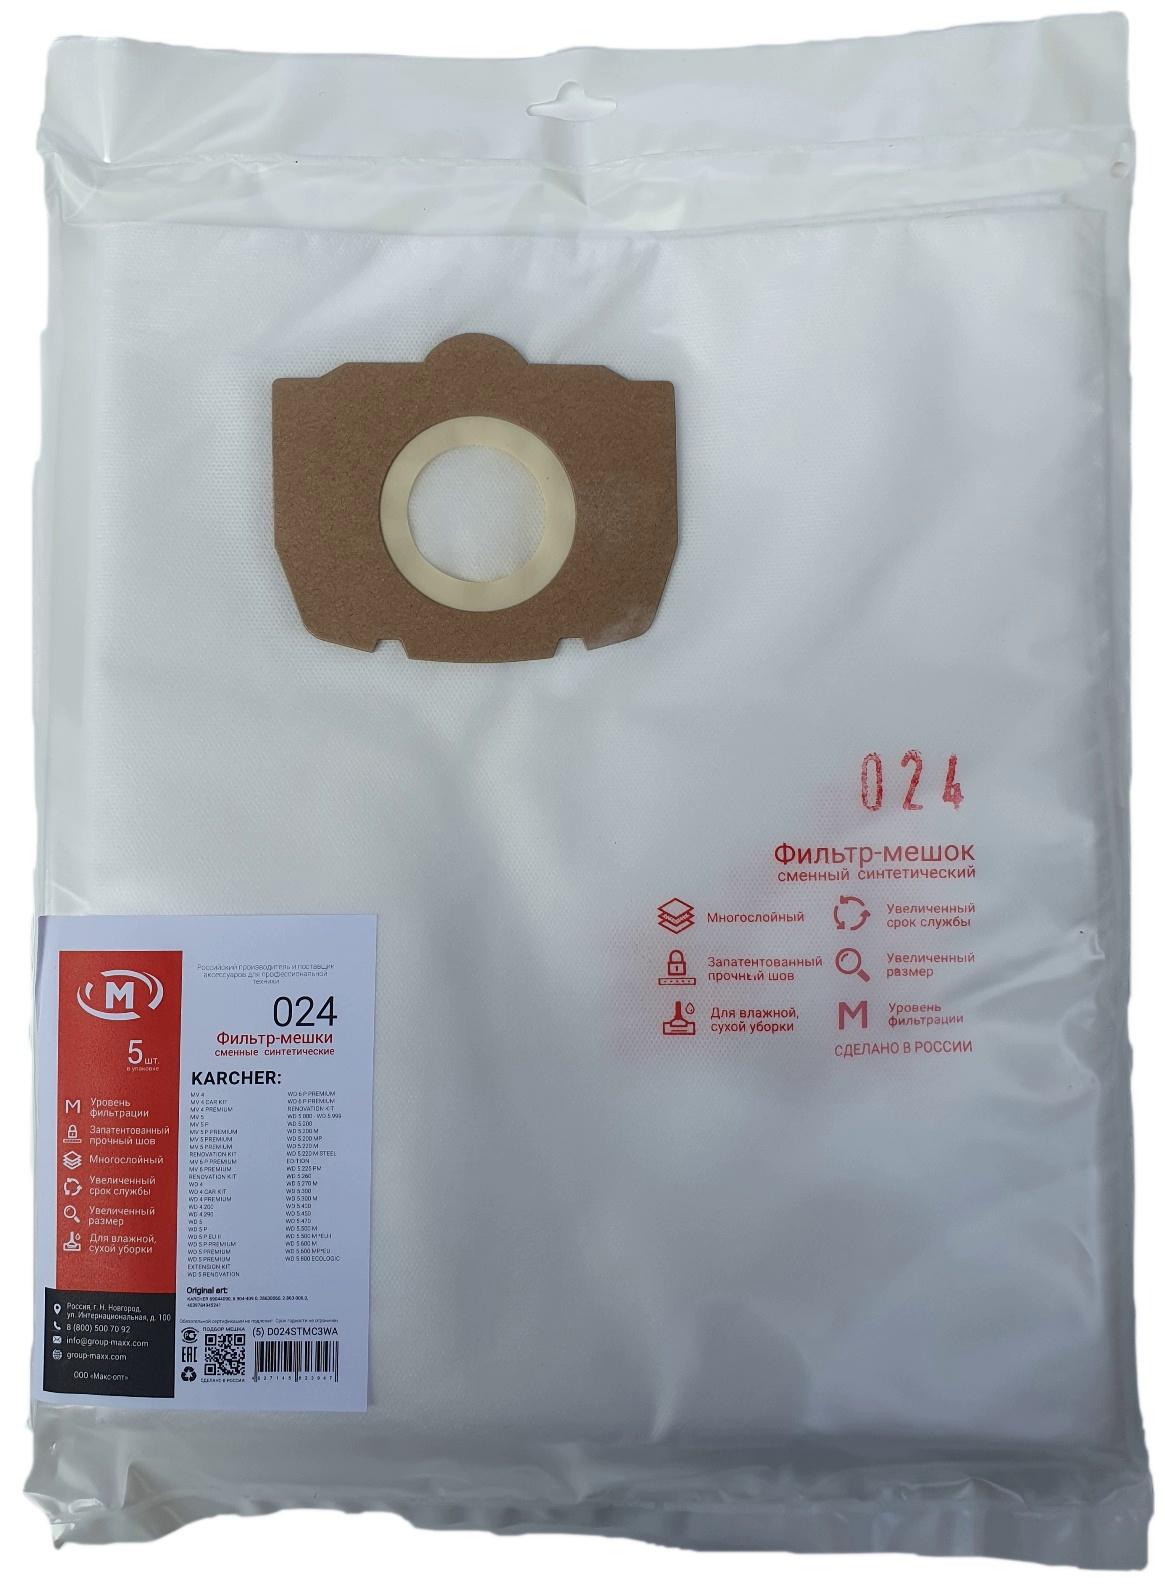 Пылесборники MAXX 024 для промышленных пылесосов, 5 шт. karcher к 4